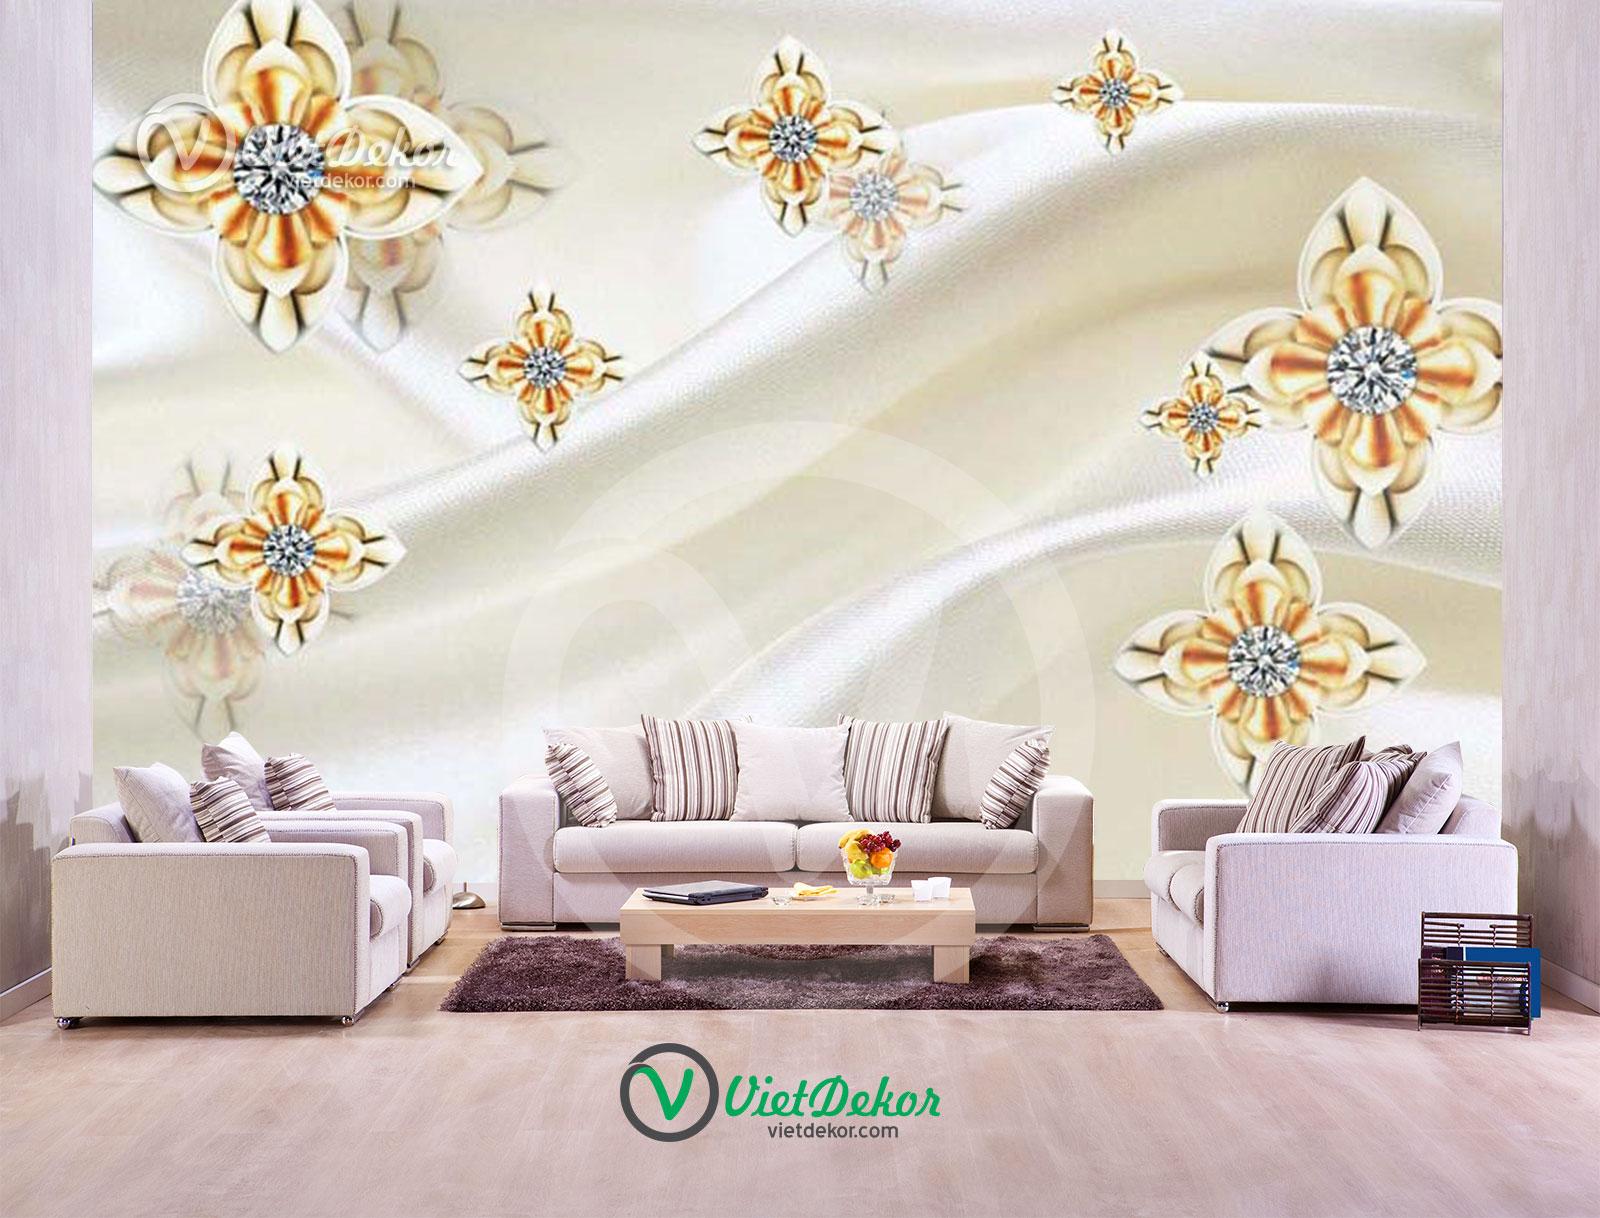 Tranh dán tường 3d hoa trang sức